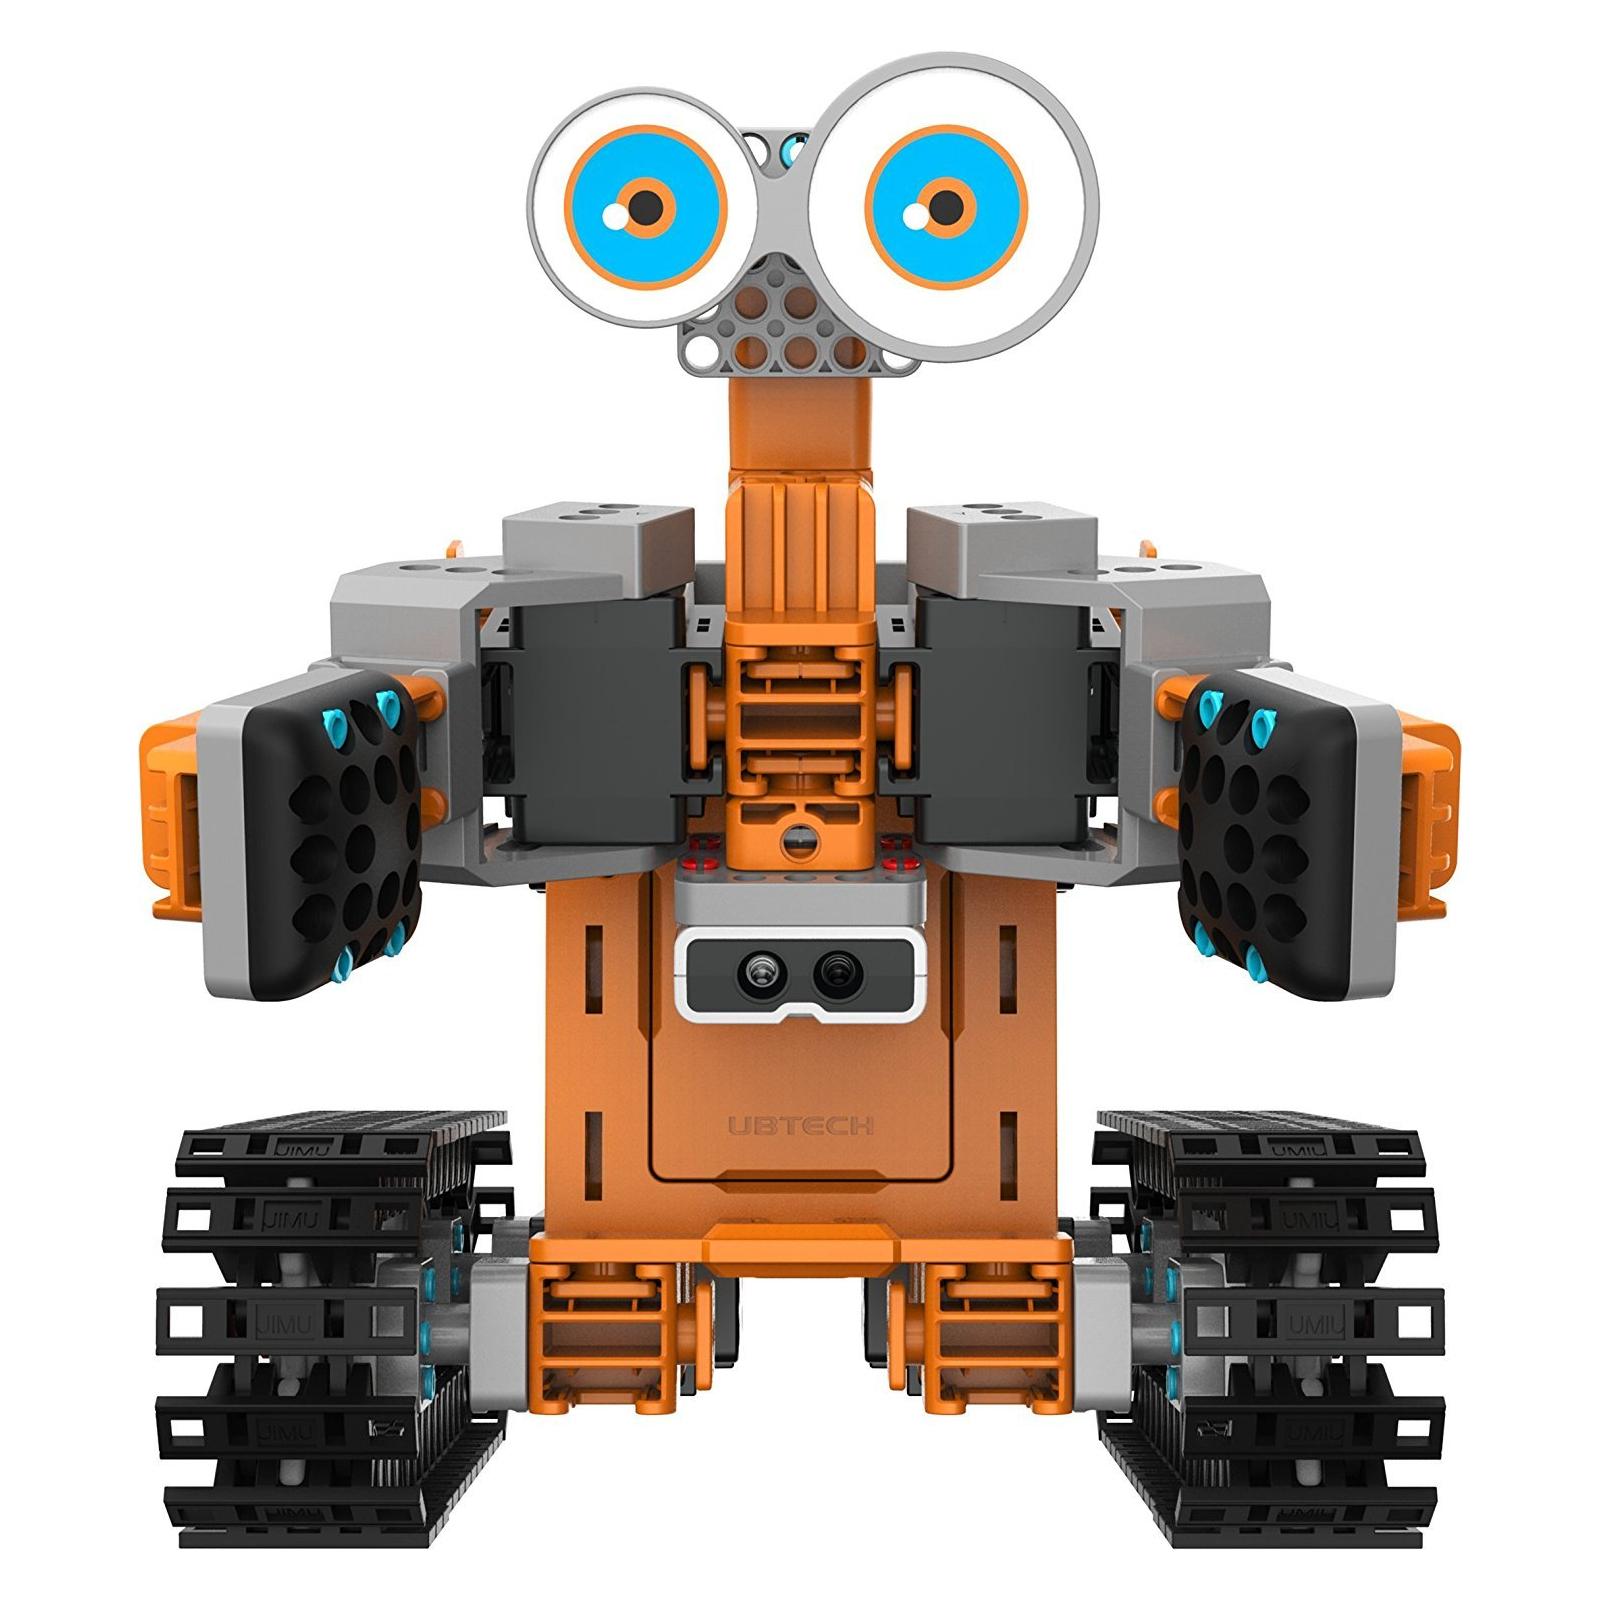 Робот Ubtech JIMU Tankbot (6 servos) (JR0601-1) изображение 2